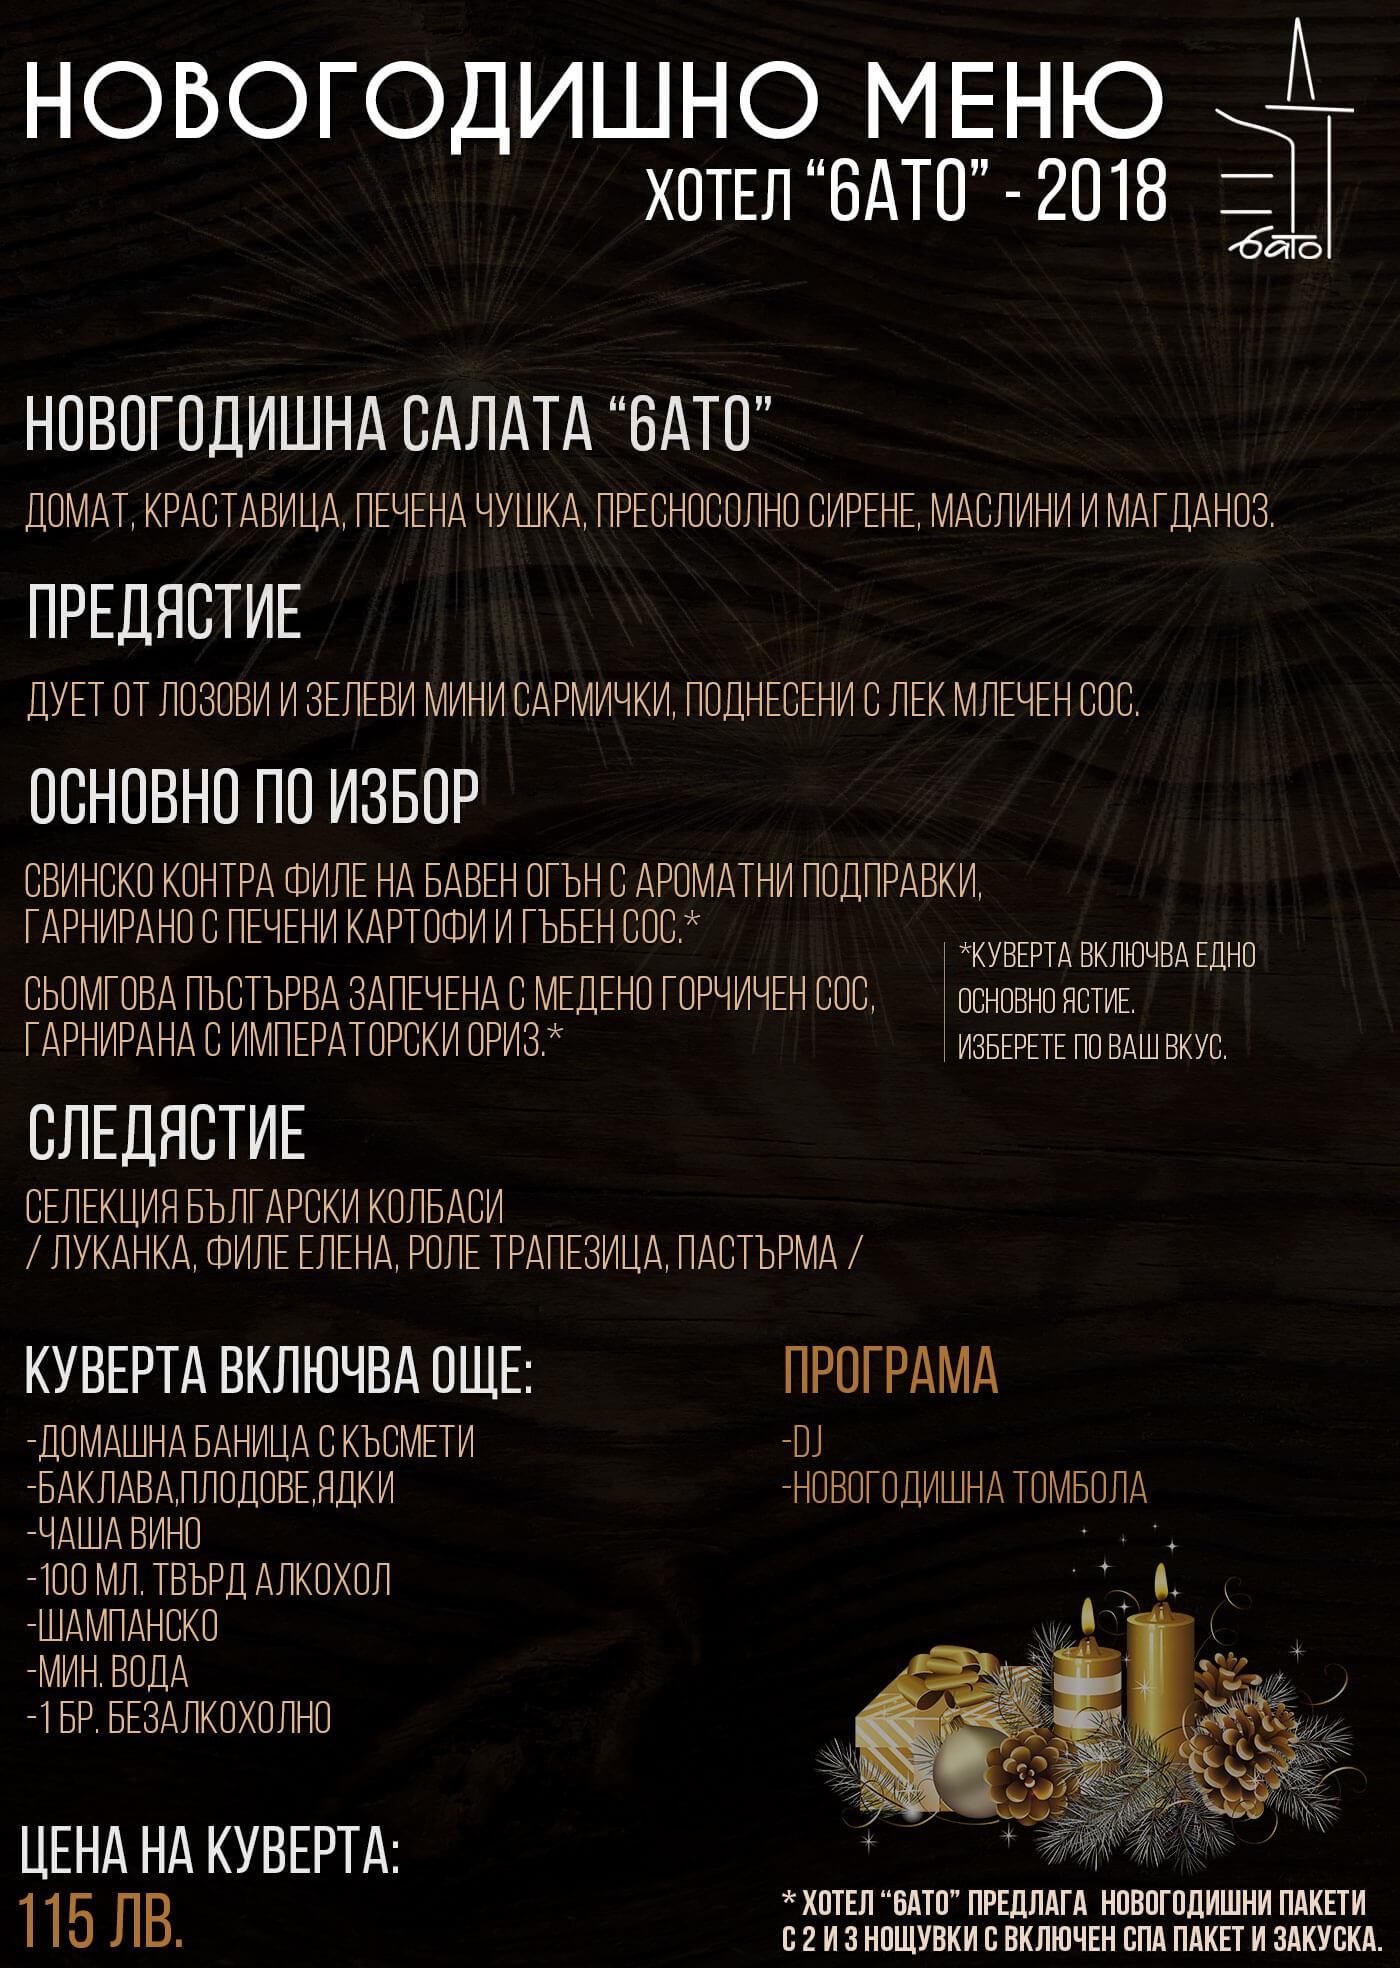 """Новогодишно меню 2018*** - хотел """"6аТо"""" София"""